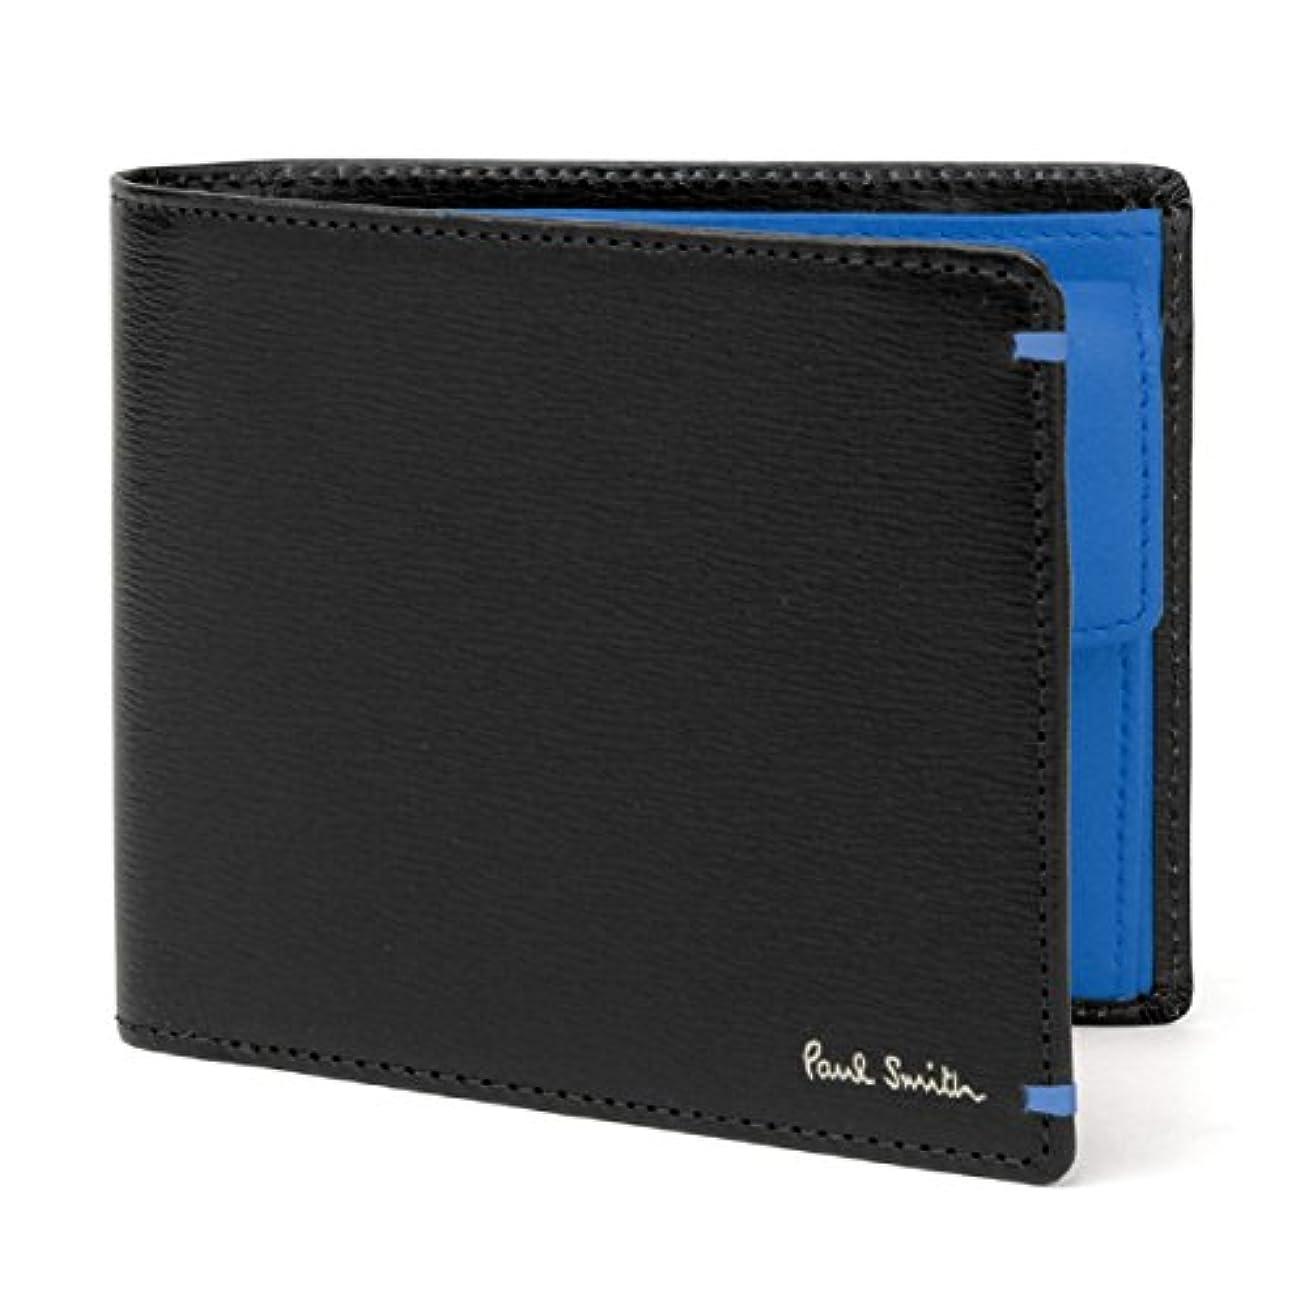 サーキュレーション失業驚いたポールスミス Paul Smith 財布 カラーコンビパルメラート 2つ折り財布